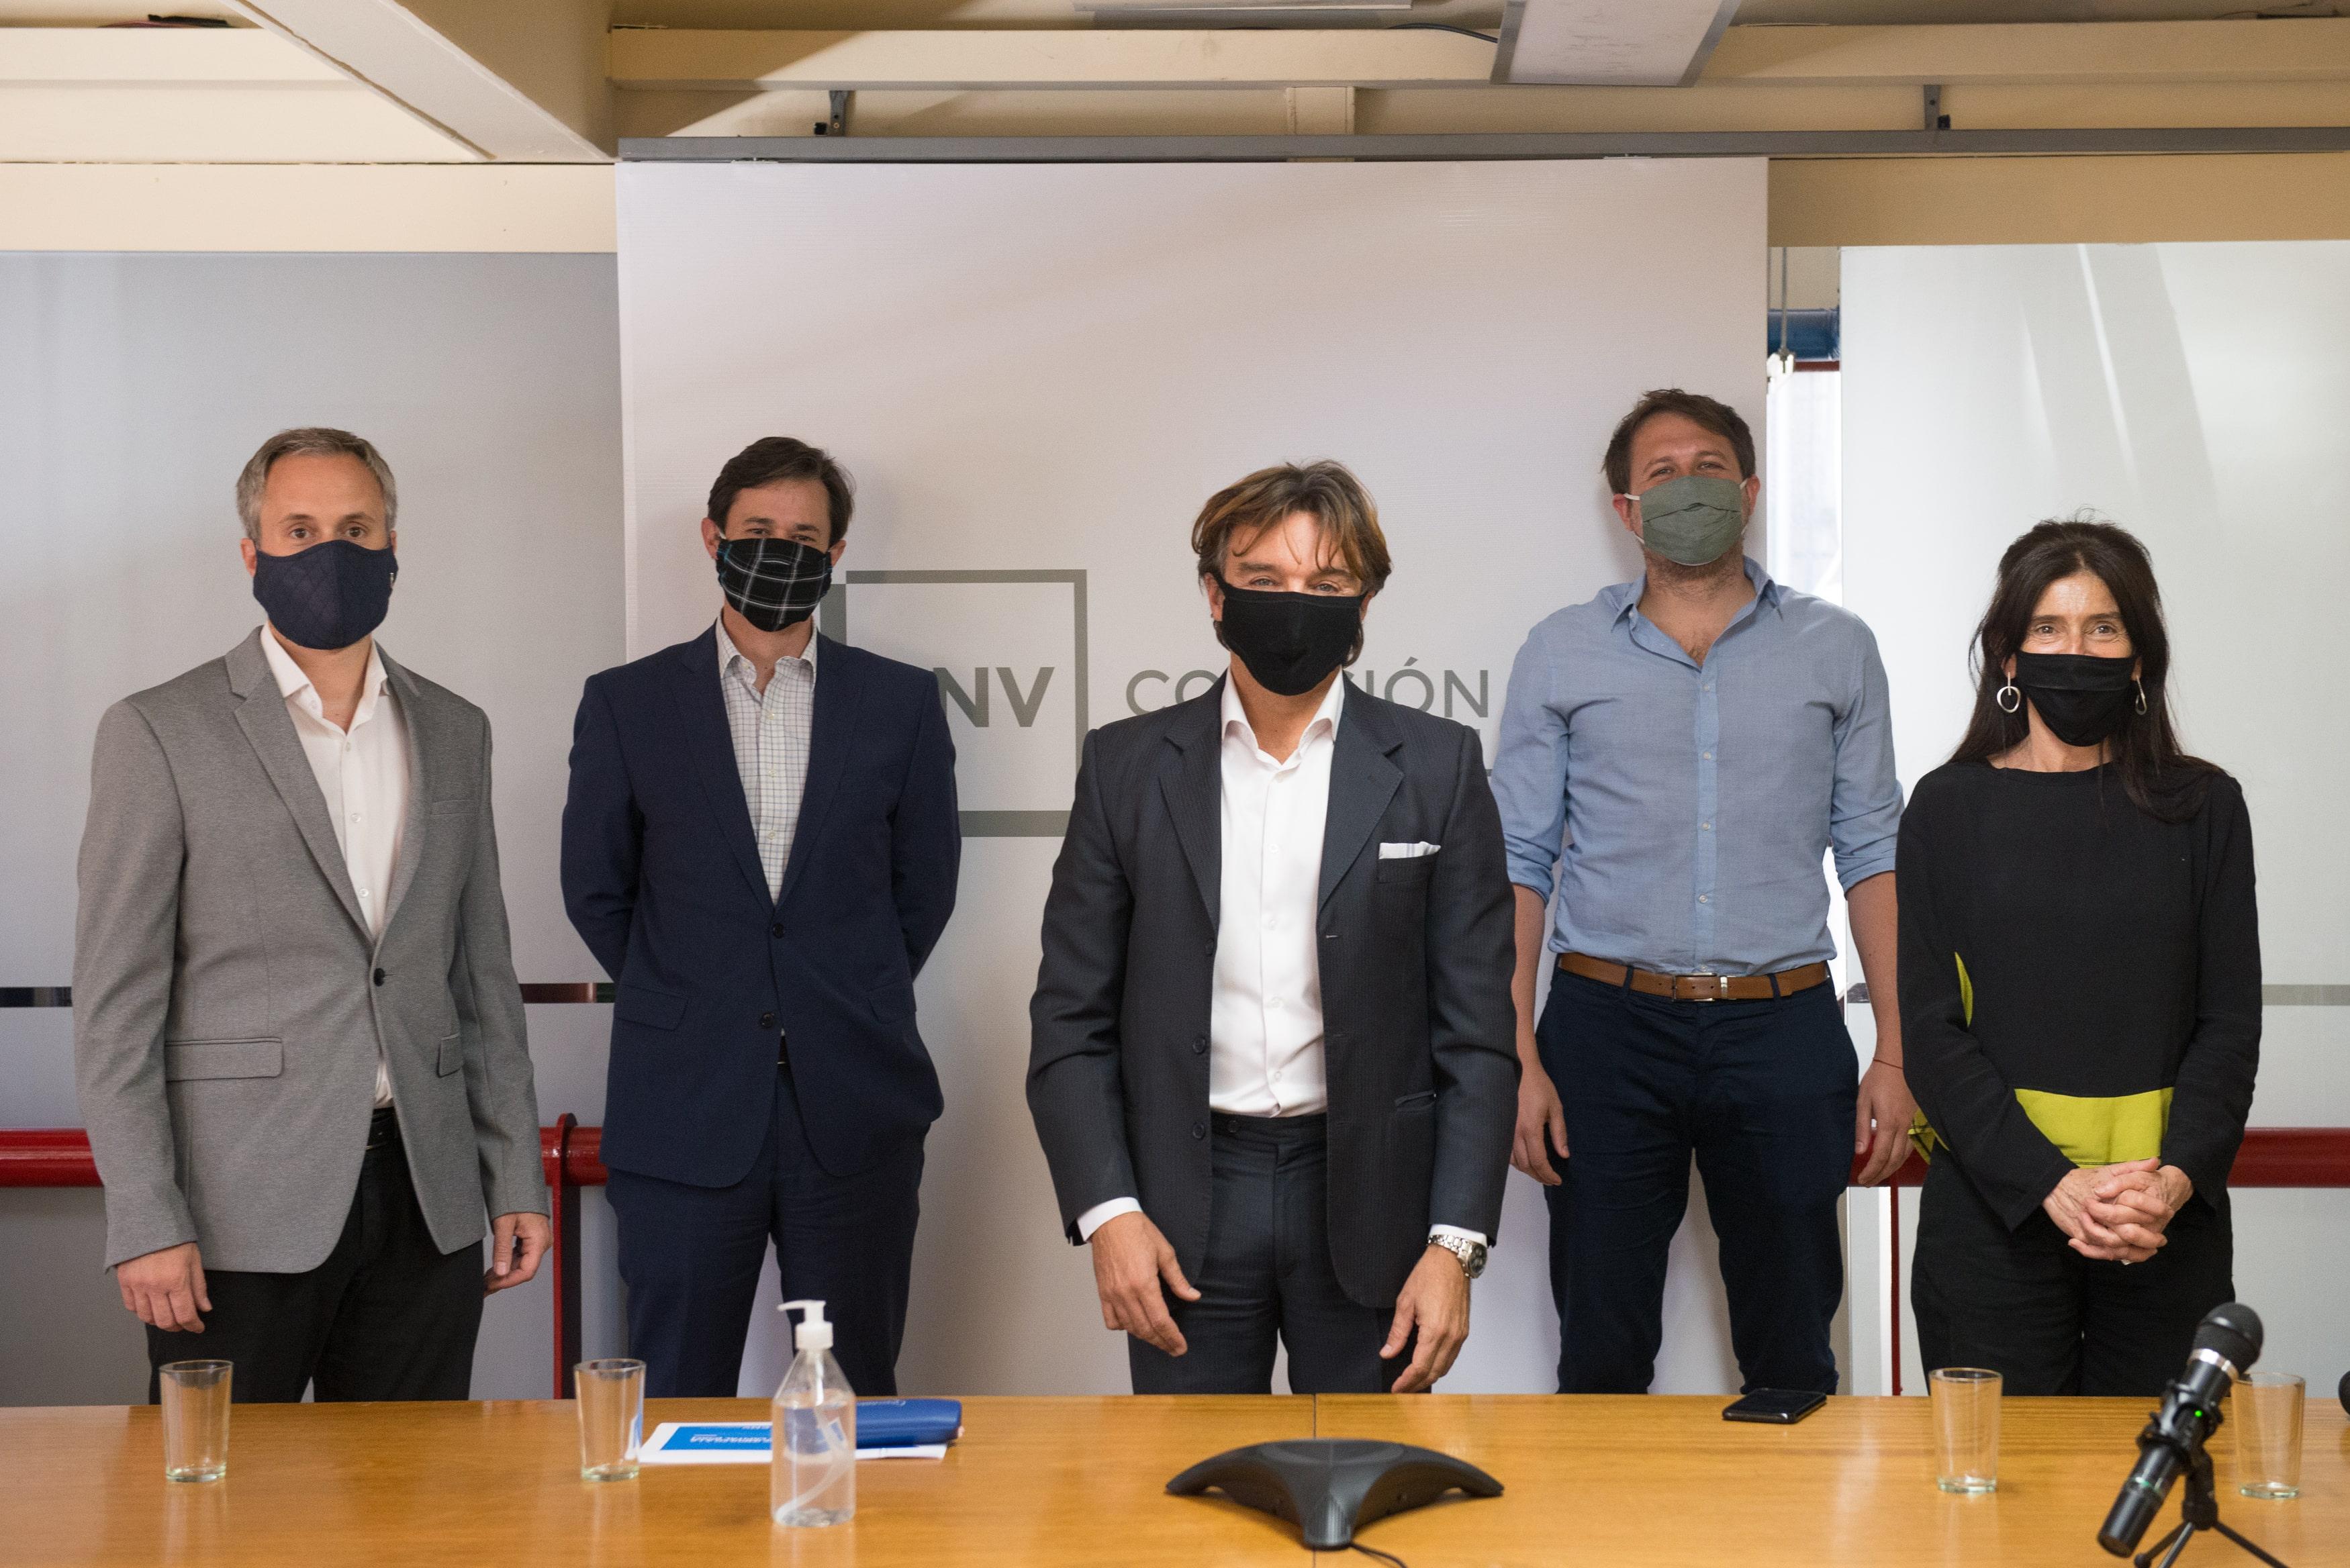 El Directorio de la CNV en la presentación virtual